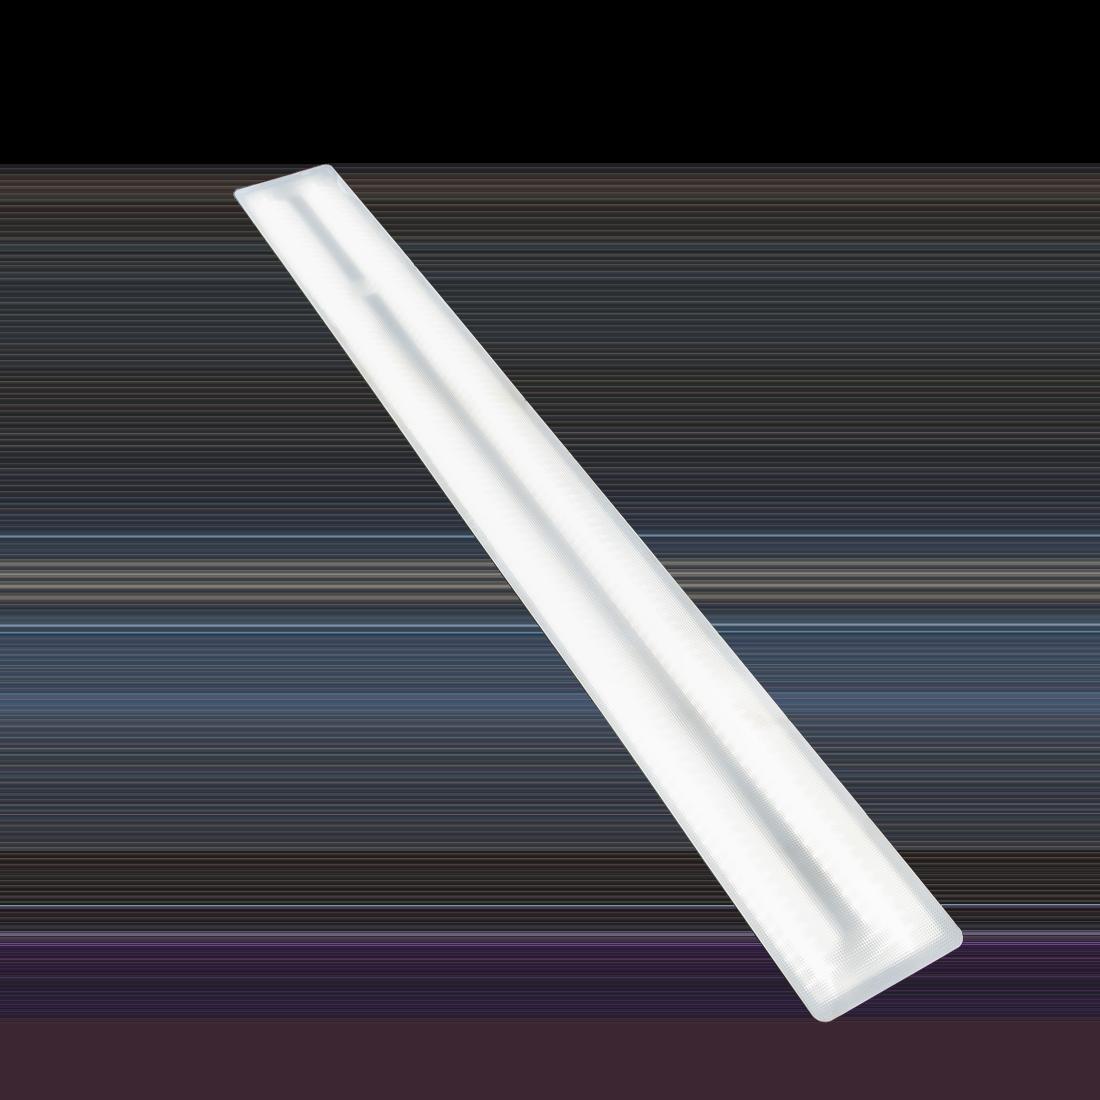 Светильник LED Сеть Microprisma 48Вт 4000К 5460Лм